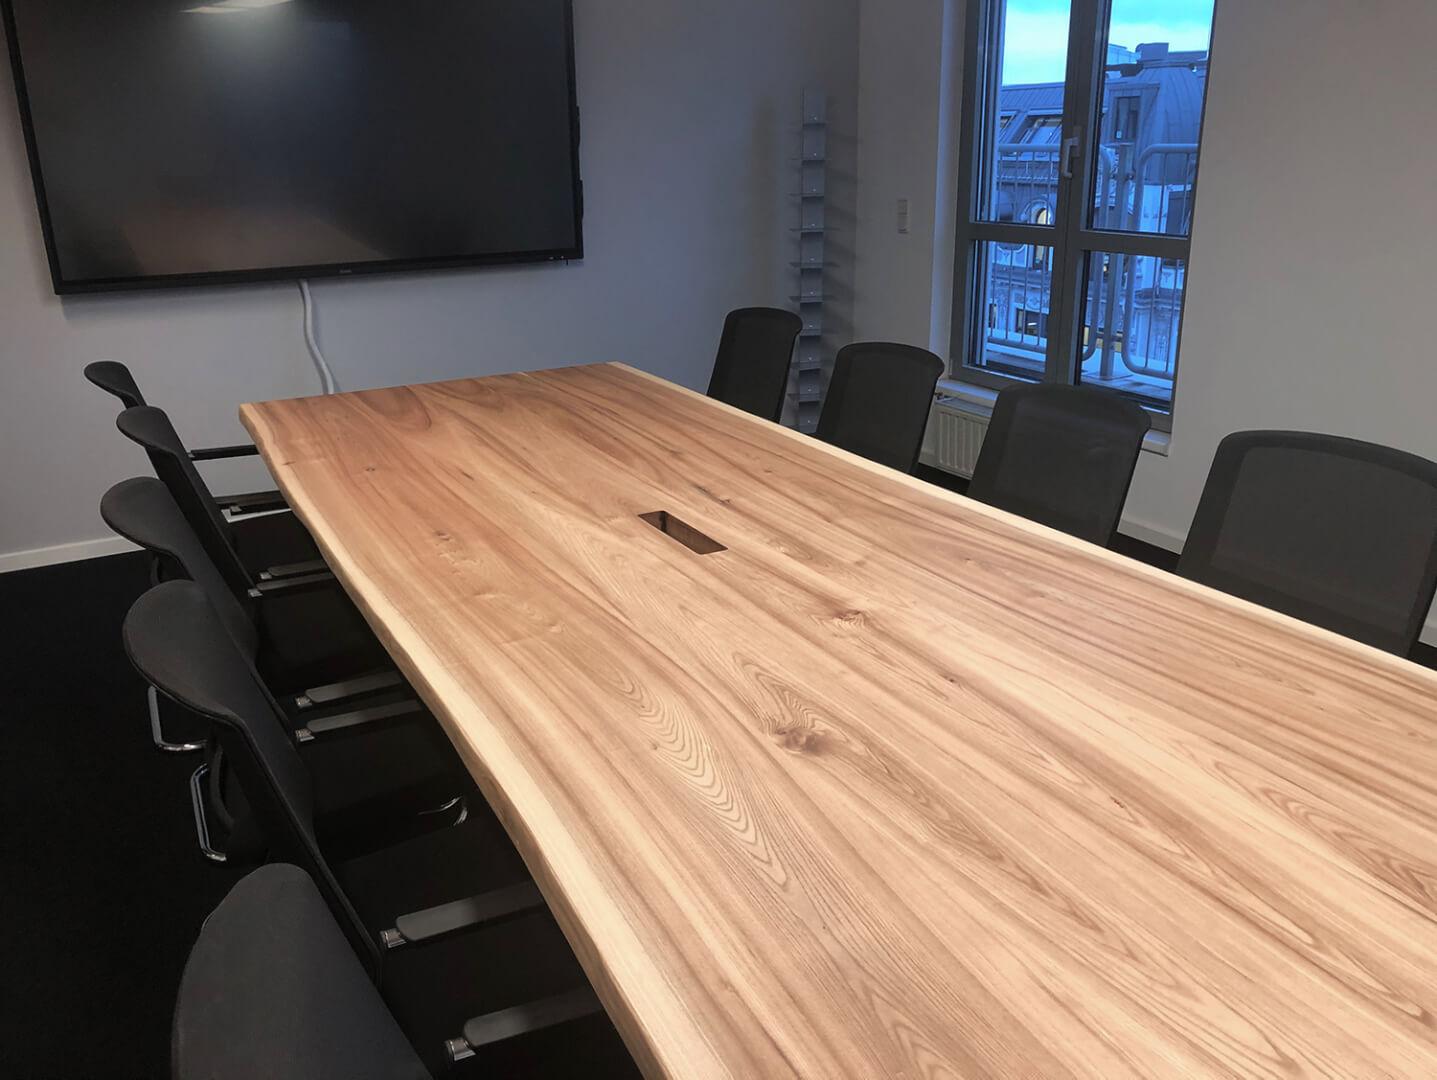 Konferenztisch mit Steckdosen | Eiche Konferenztisch, unverleimt